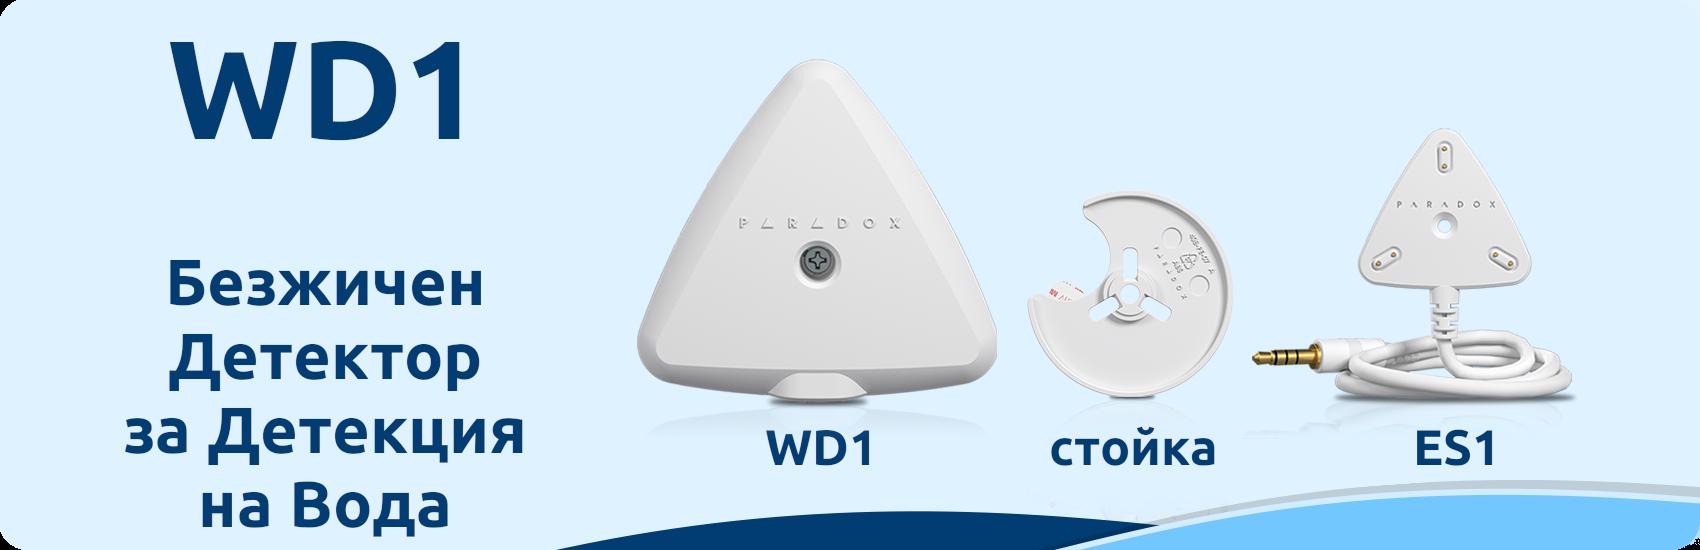 Paradox - WD1 - Безжичен Детектор за Детекция на Вода